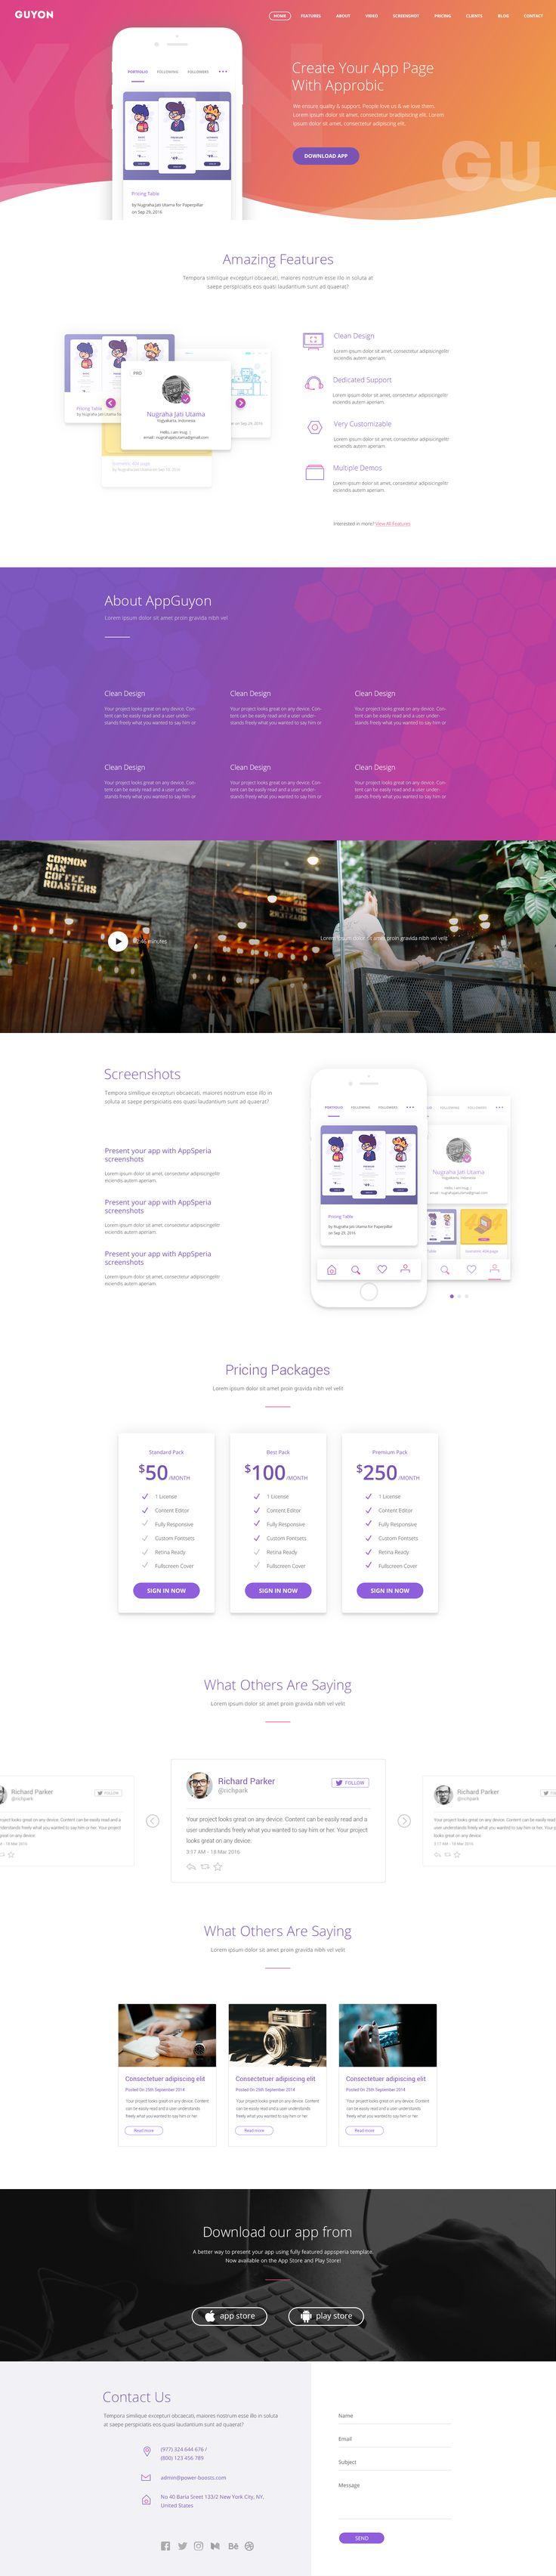 56 best landing page images on Pinterest | Design web, Design ...